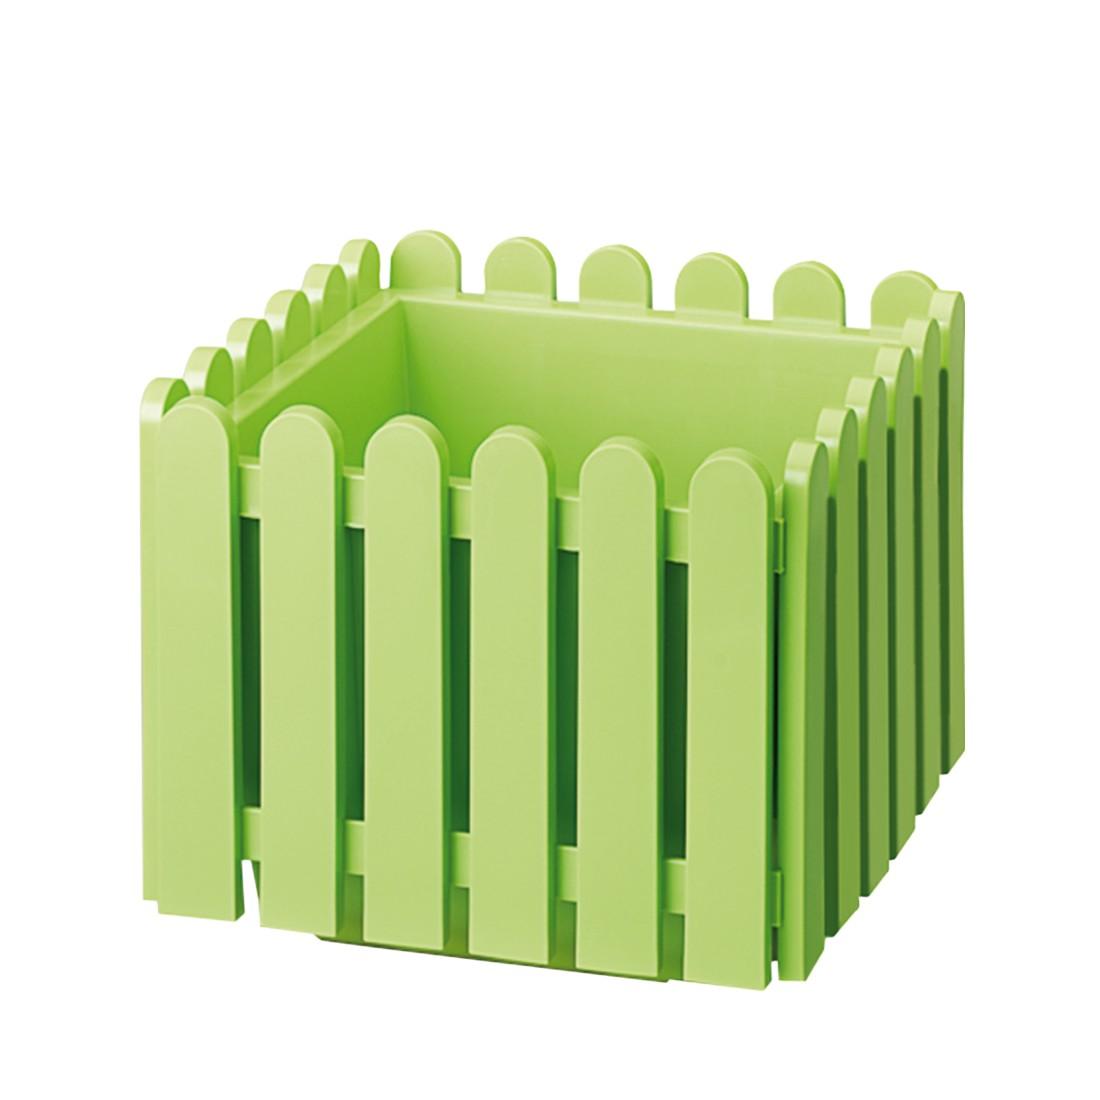 Pflanzkübel Landhaus (38x38cm) – grün, Emsa günstig